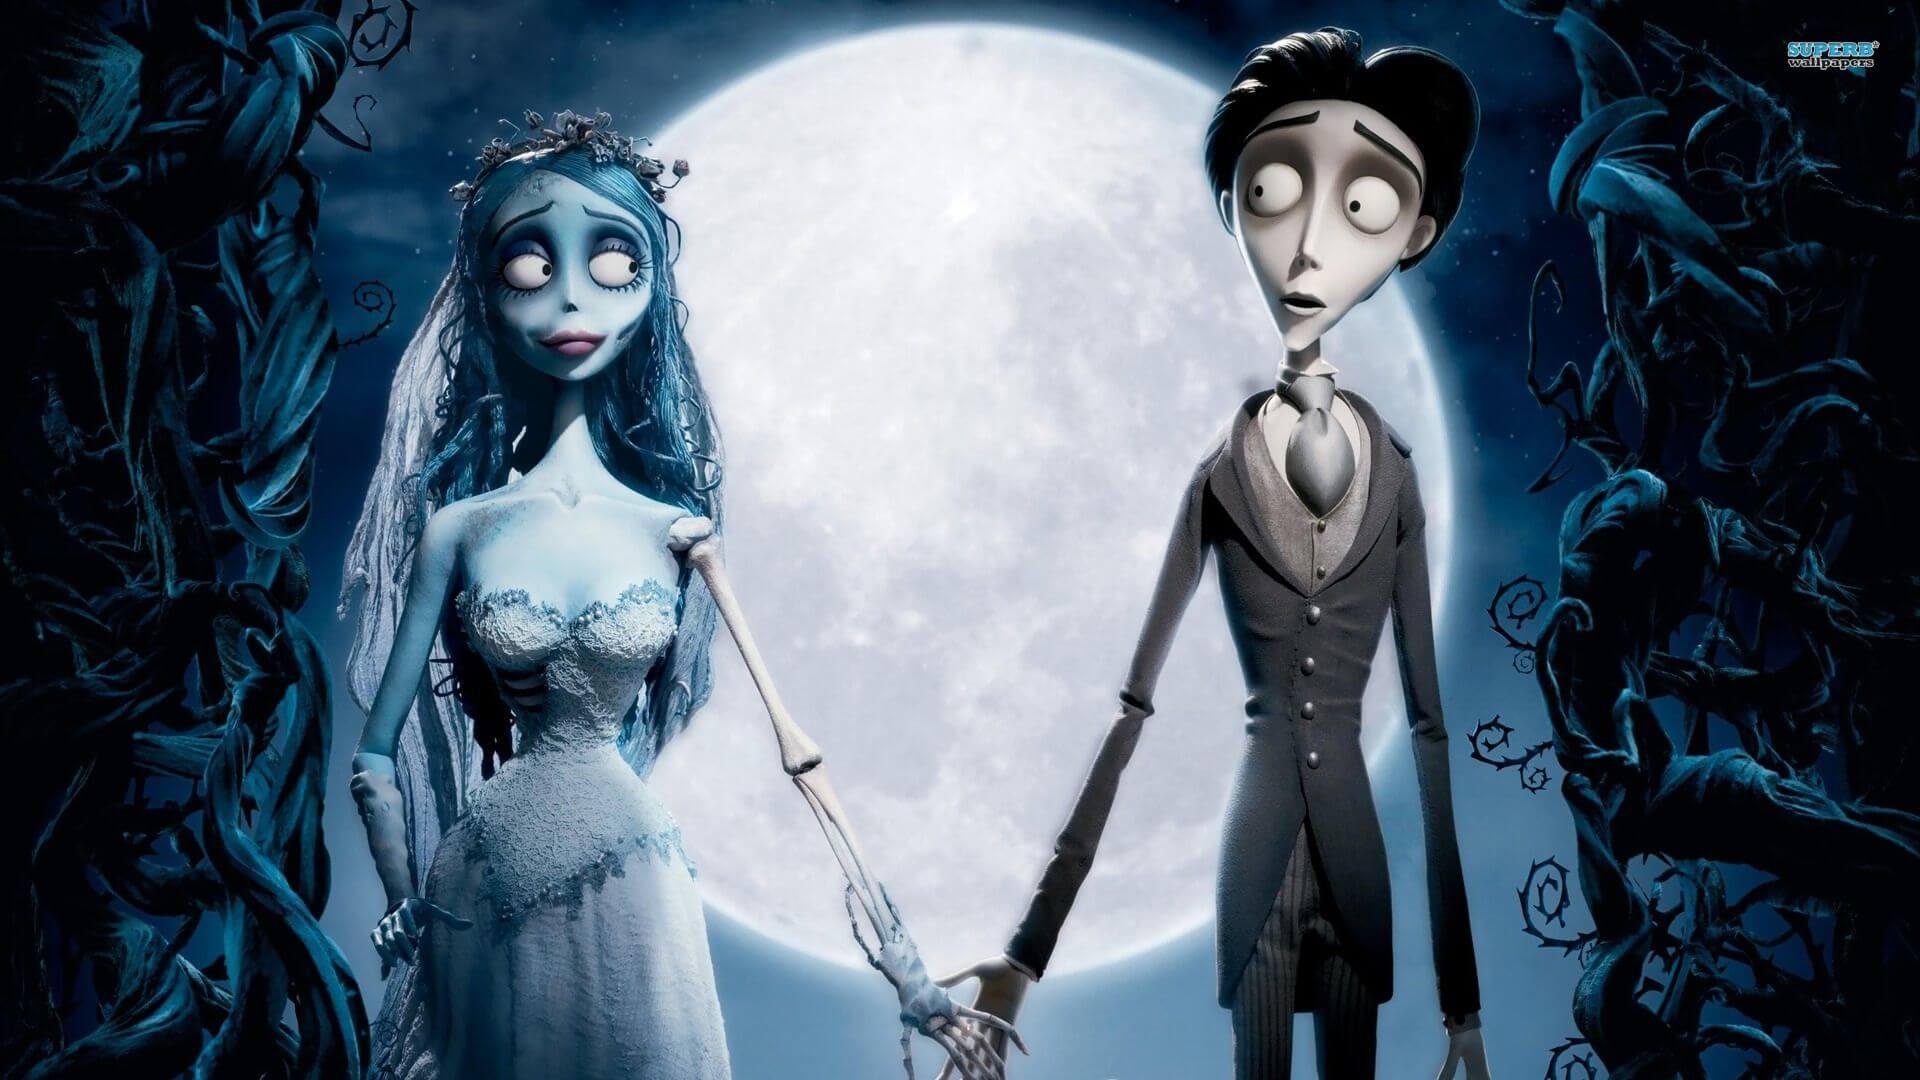 El cadáver de la novia estará disponible en Netflix en junio